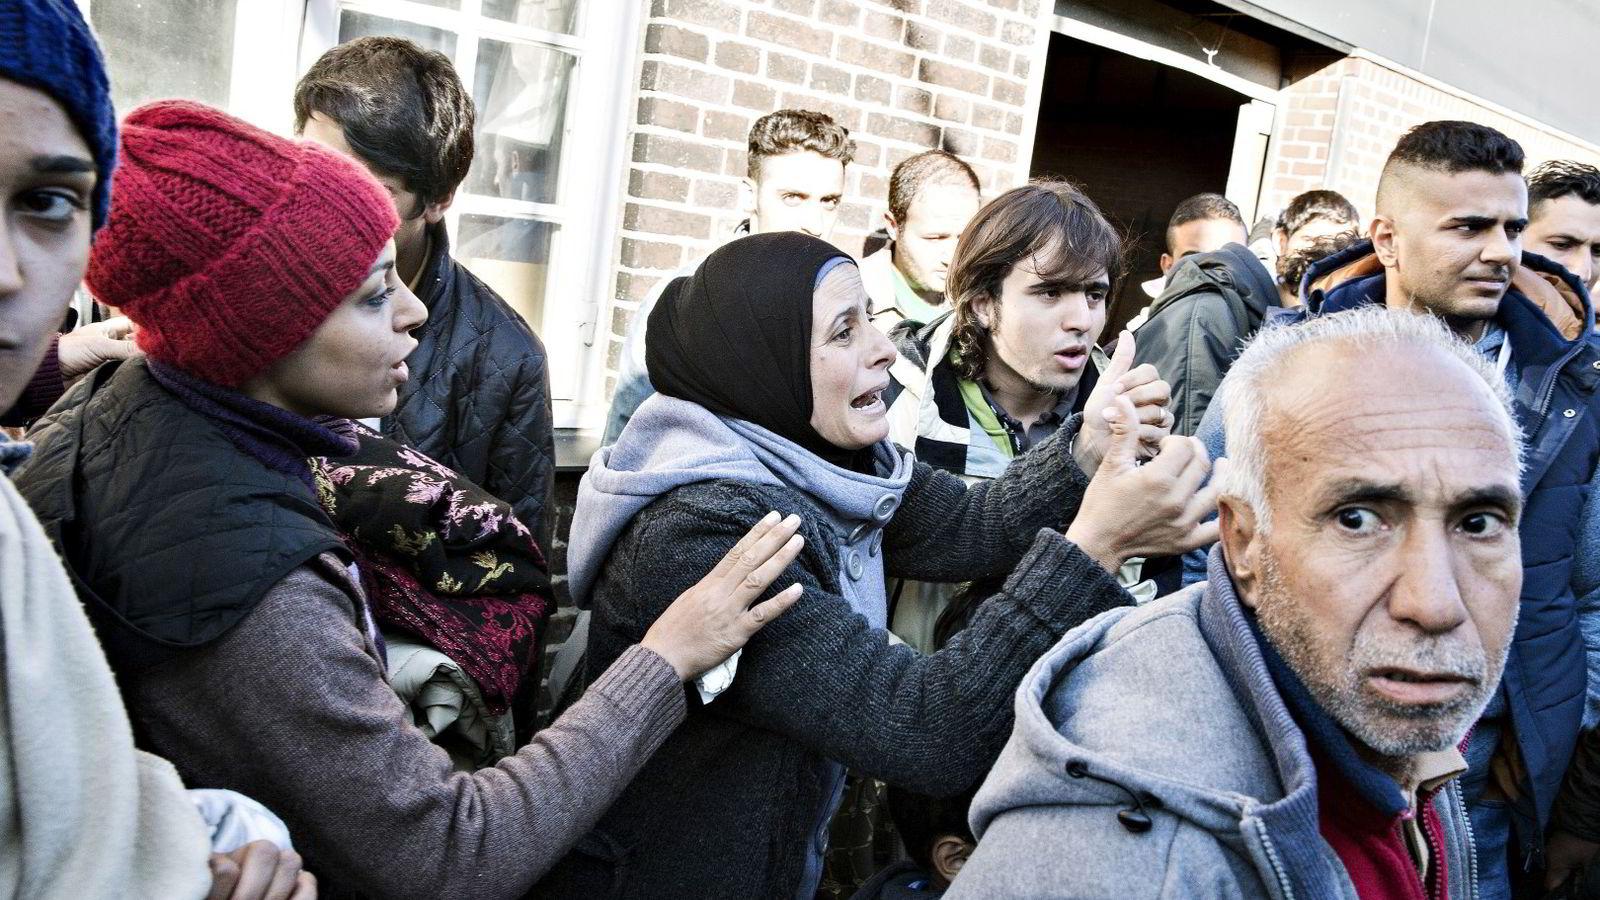 Det var kaos i gatene i danske Rødbyhavn sent onsdag kveld. På bildet en gruppe flyktninger på Padborg-stasjonen i Danmark.